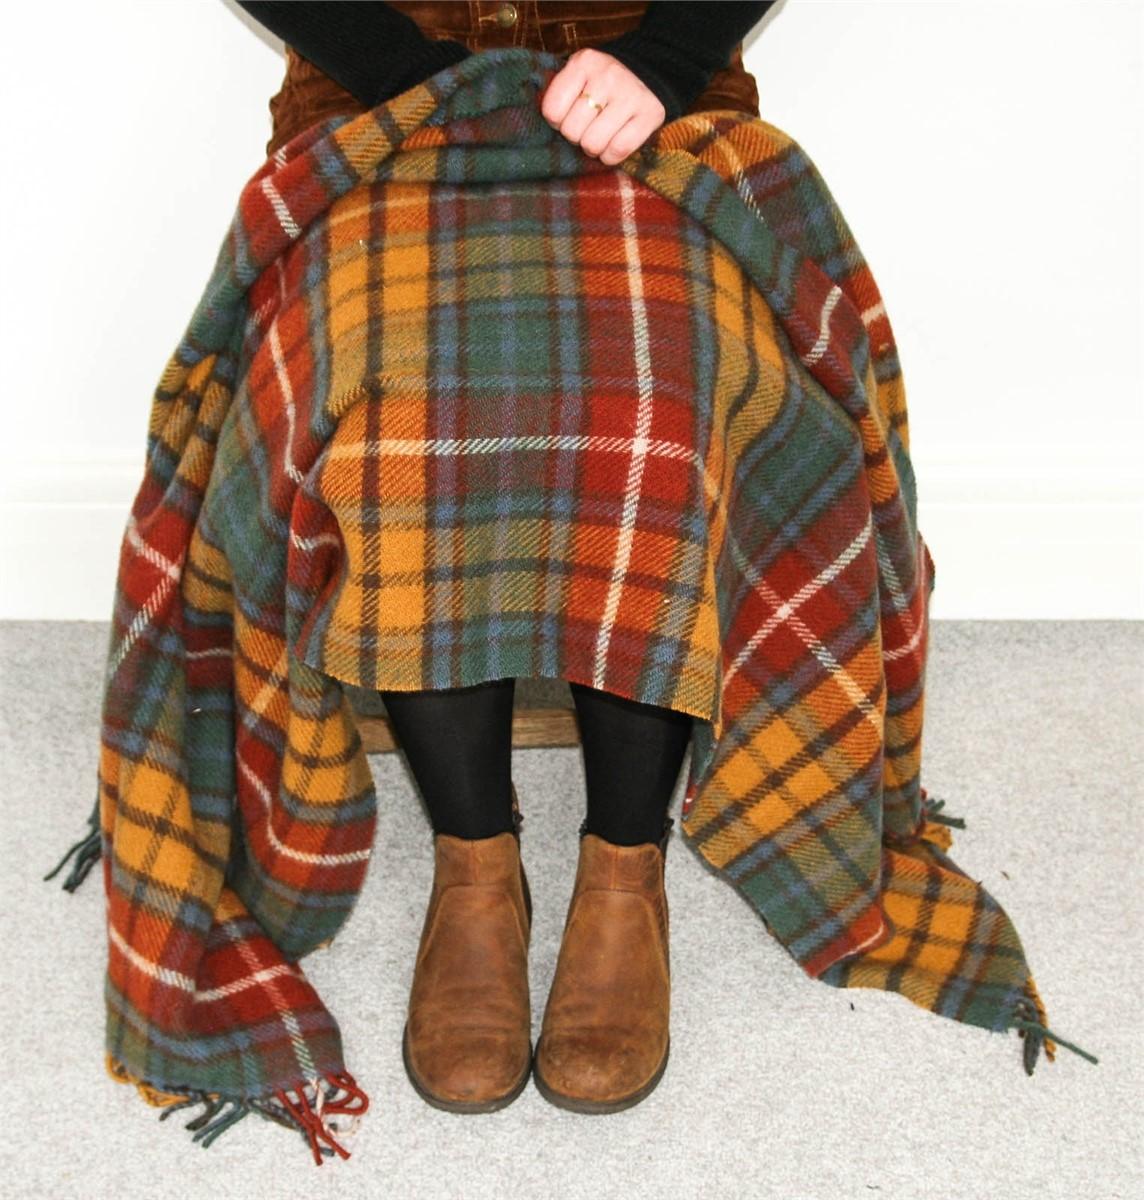 Wool Blanket Online British Made Gifts Antique Buchanan